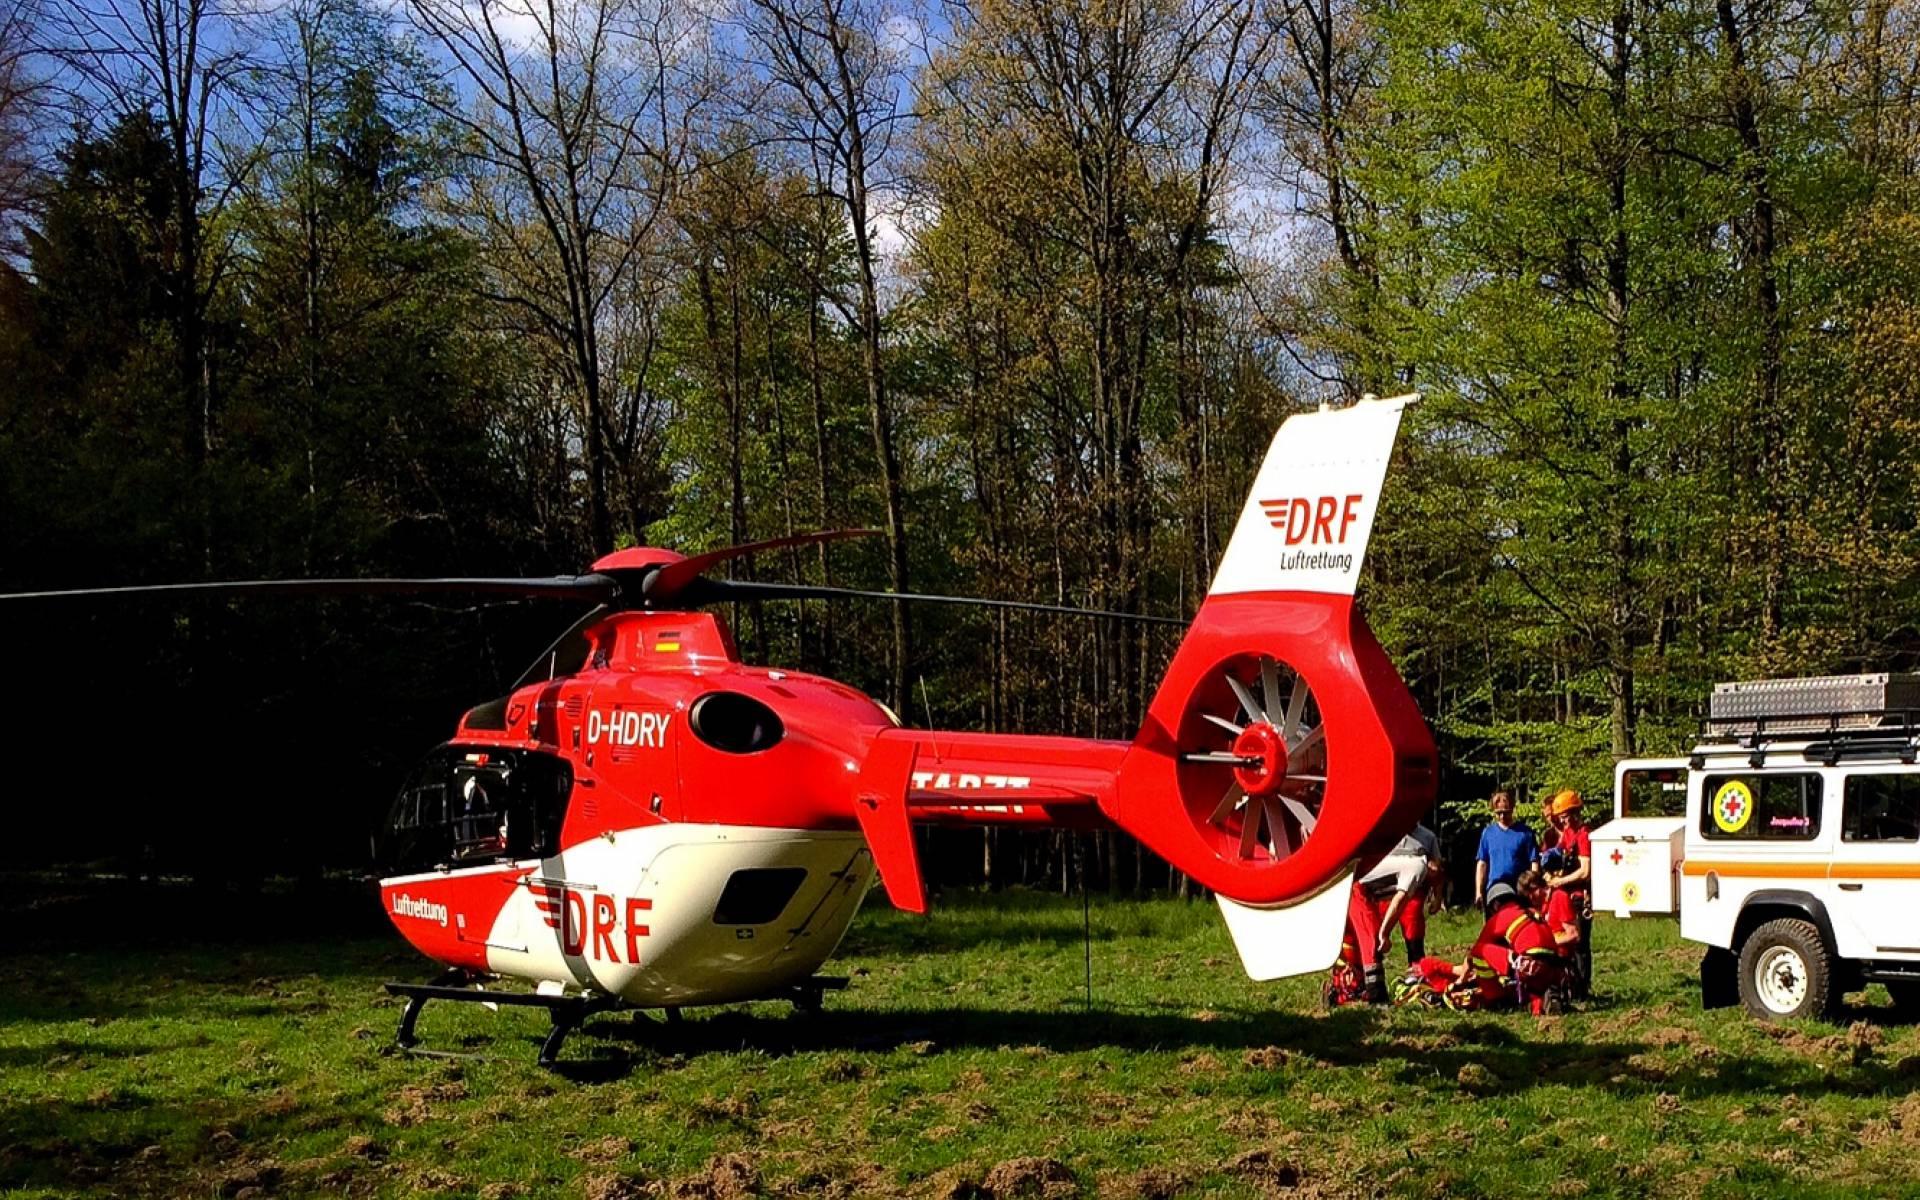 Nun übernehmen die Dresdner Luftretter die medizinische Versorgung des Patienten.